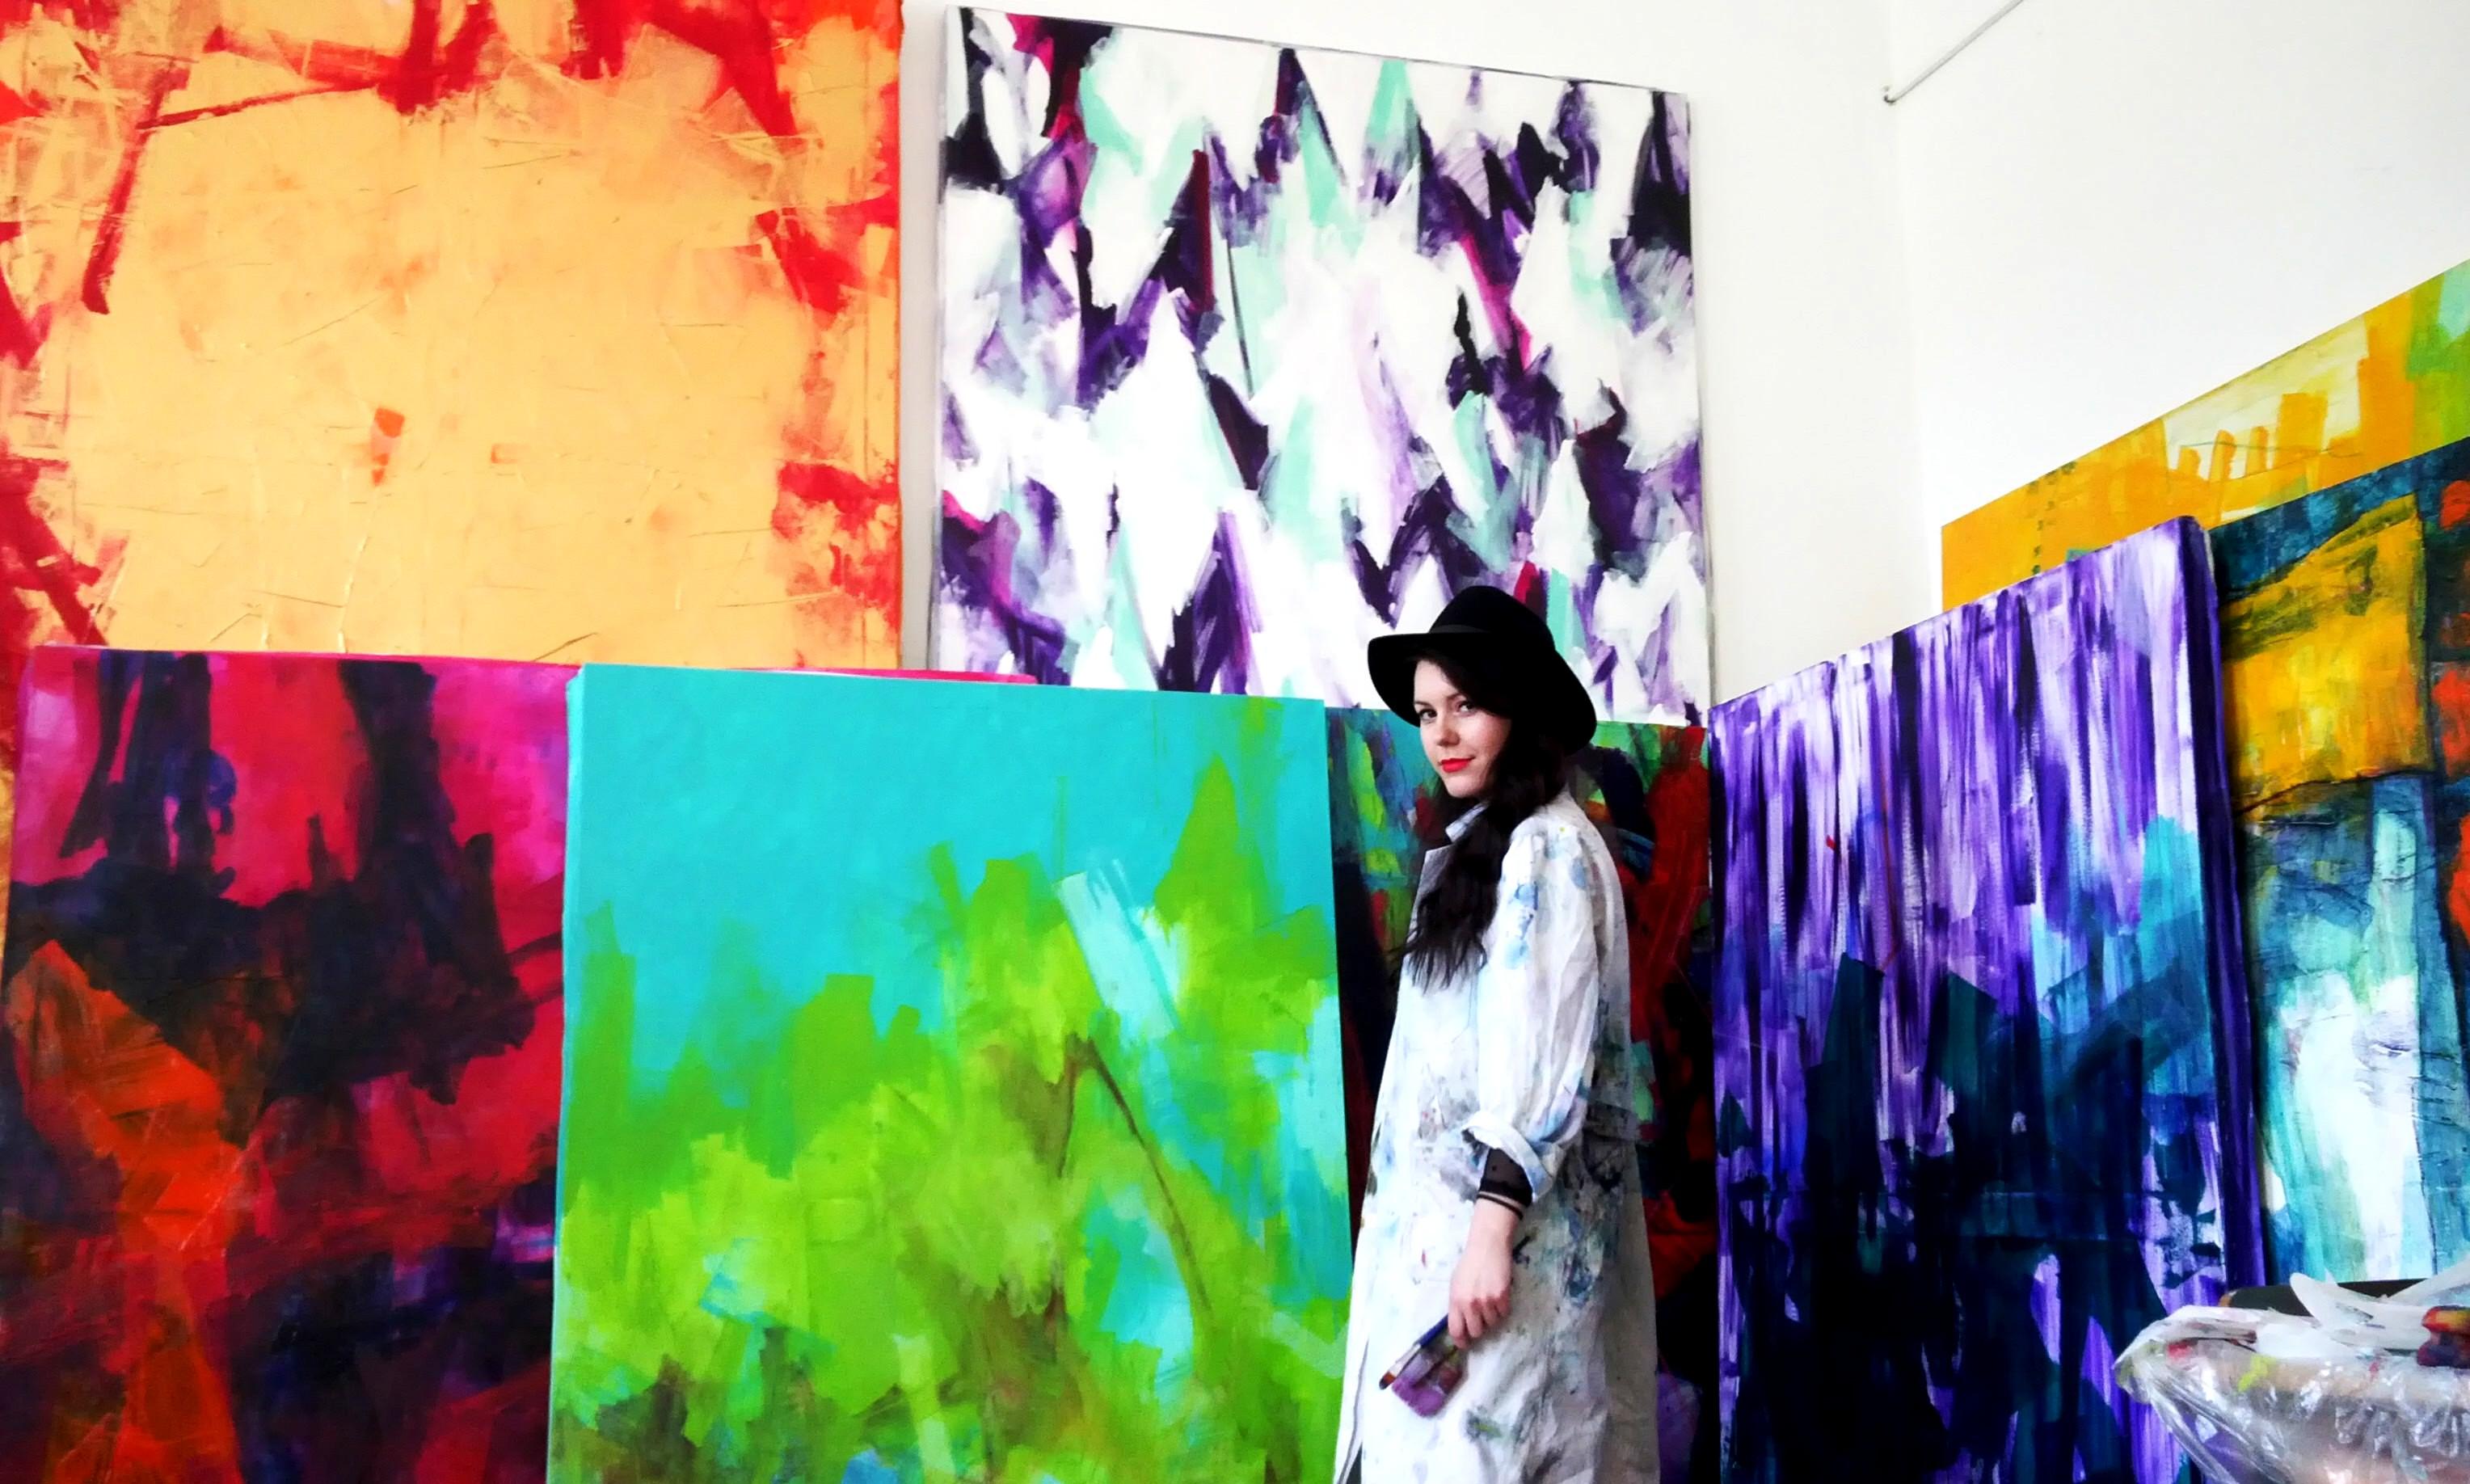 Umetnica Biljana M: Svet boja mojom rukom